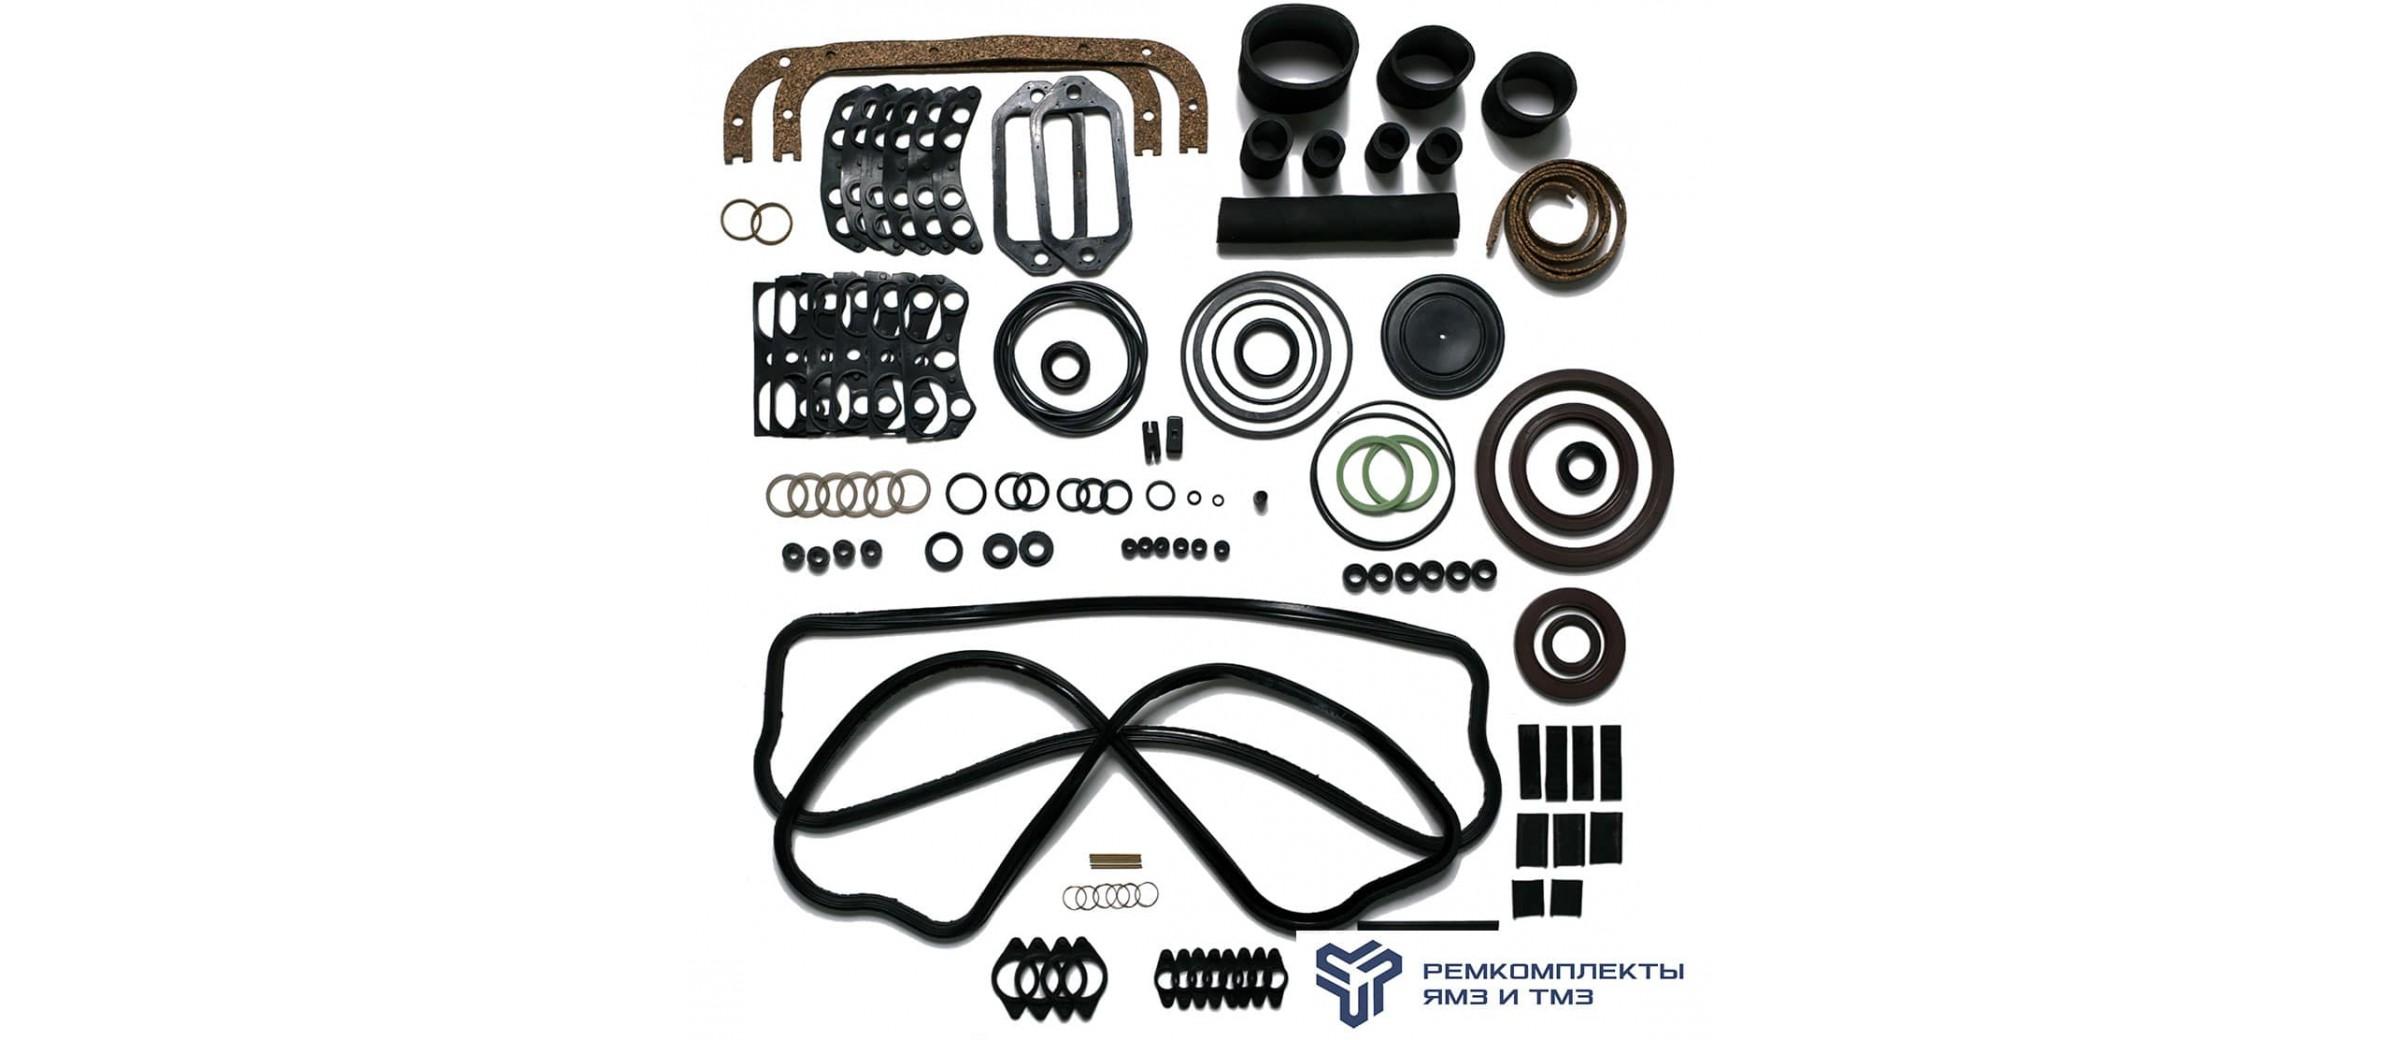 Ремкомплект РТИ на двигатель ЯМЗ-6562, 6563 (общая ГБЦ) без колец гильзы